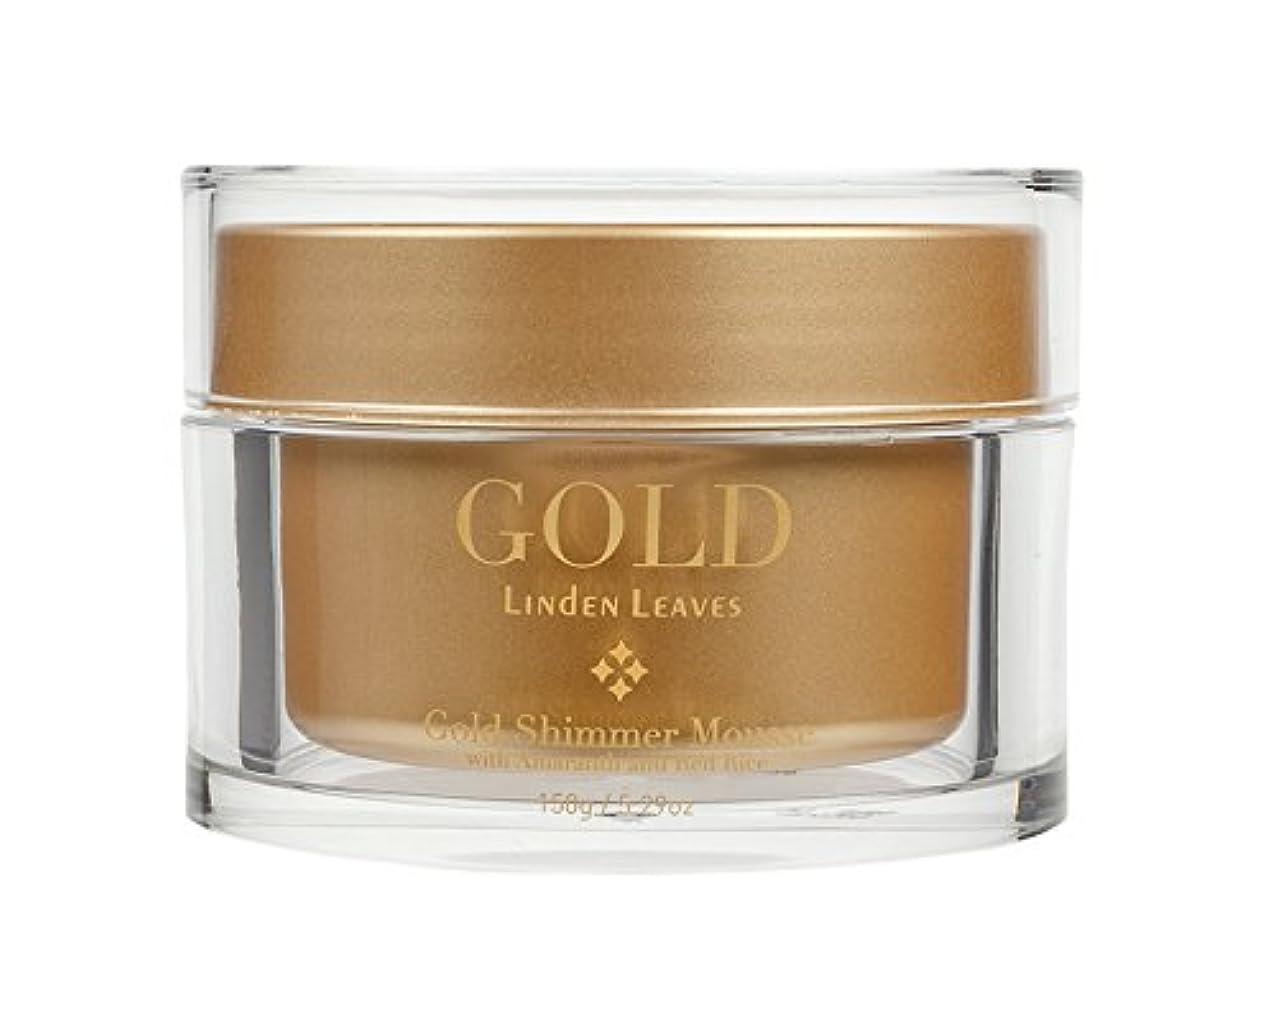 甘やかす起きてむちゃくちゃリンデンリーブス GOLD シマームース(ボディー用保湿クリーム)